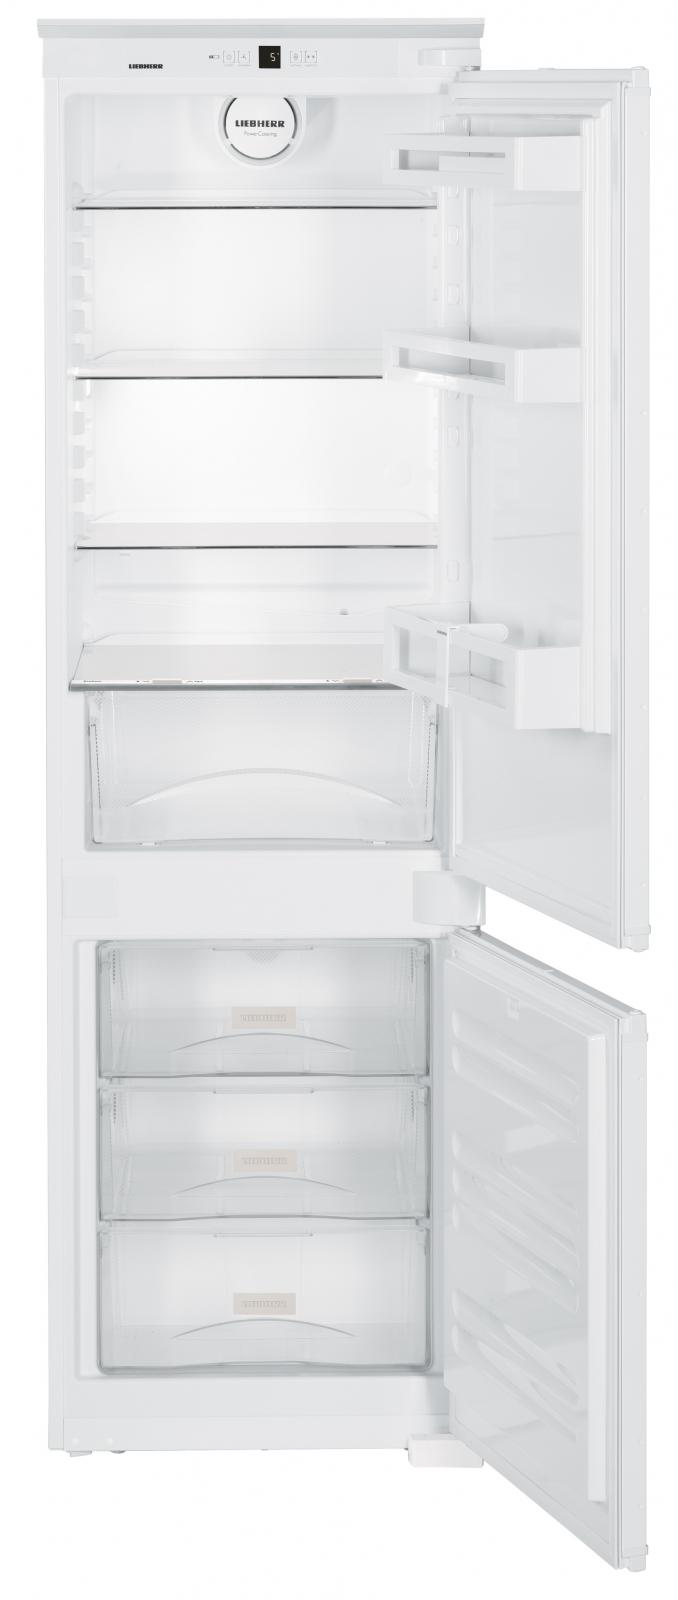 купить Встраиваемый двухкамерный холодильник Liebherr ICUS 3324 Украина фото 3